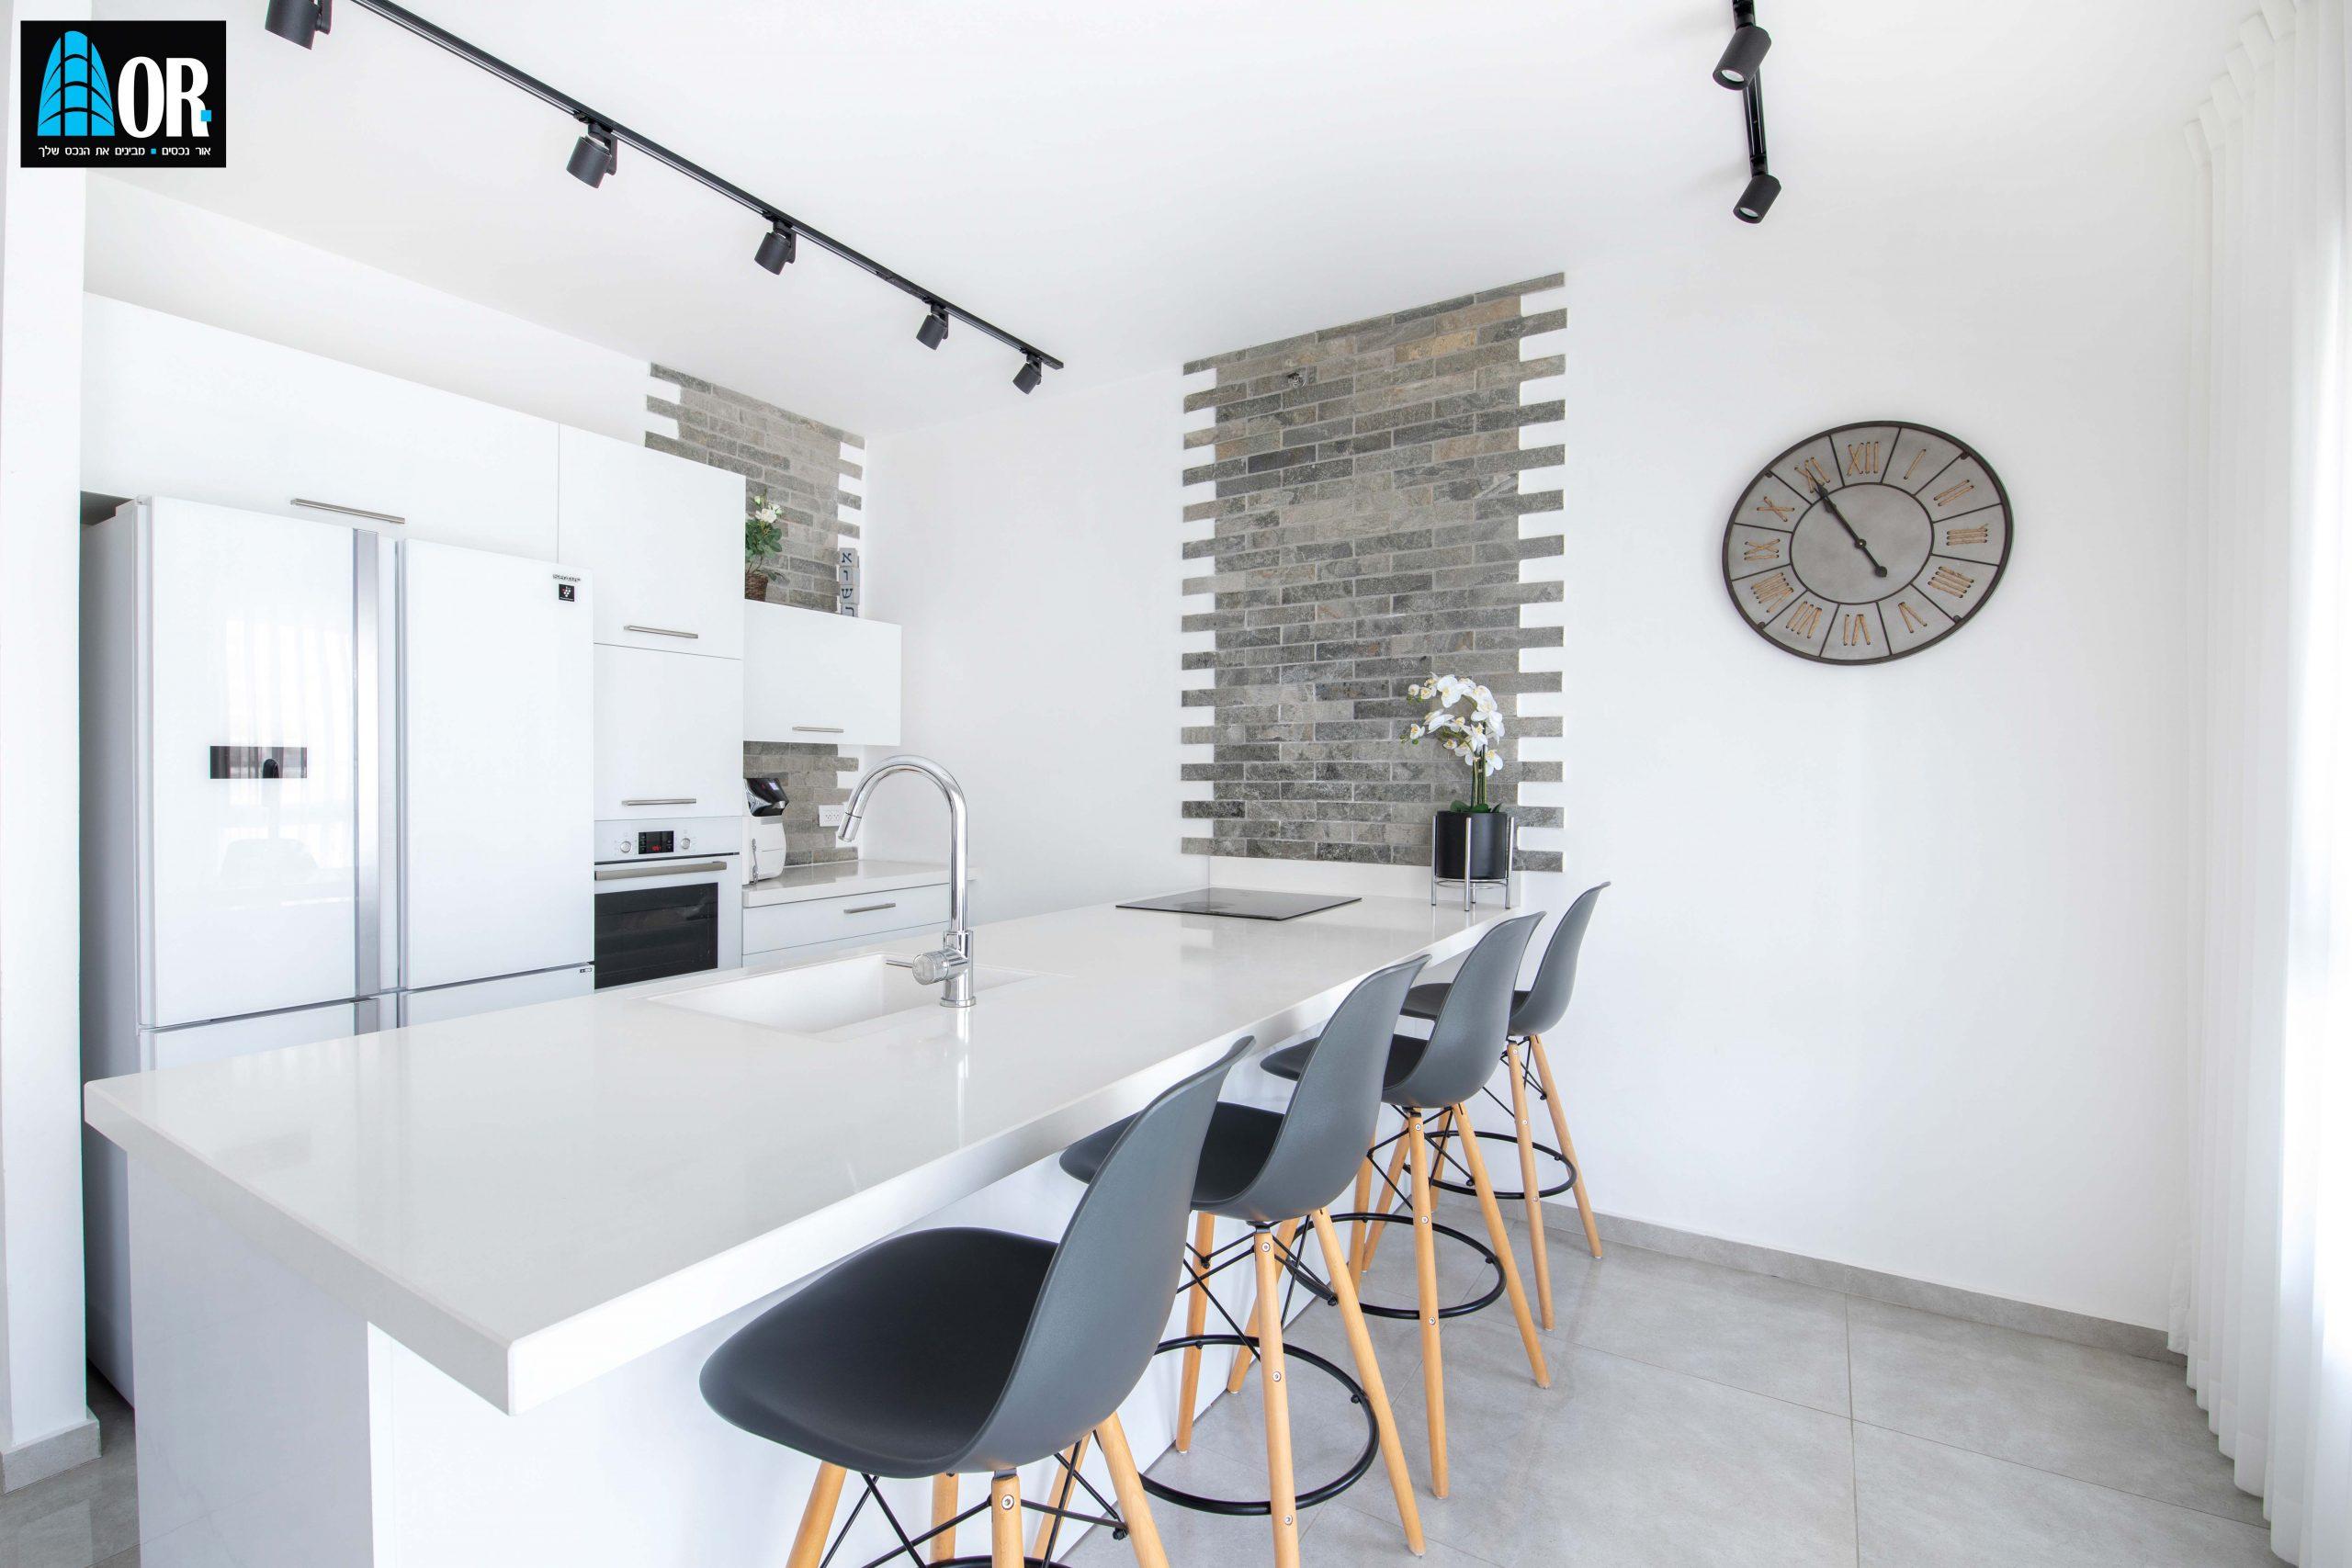 מטבח דירה 5 חדרים שכונה צמרות